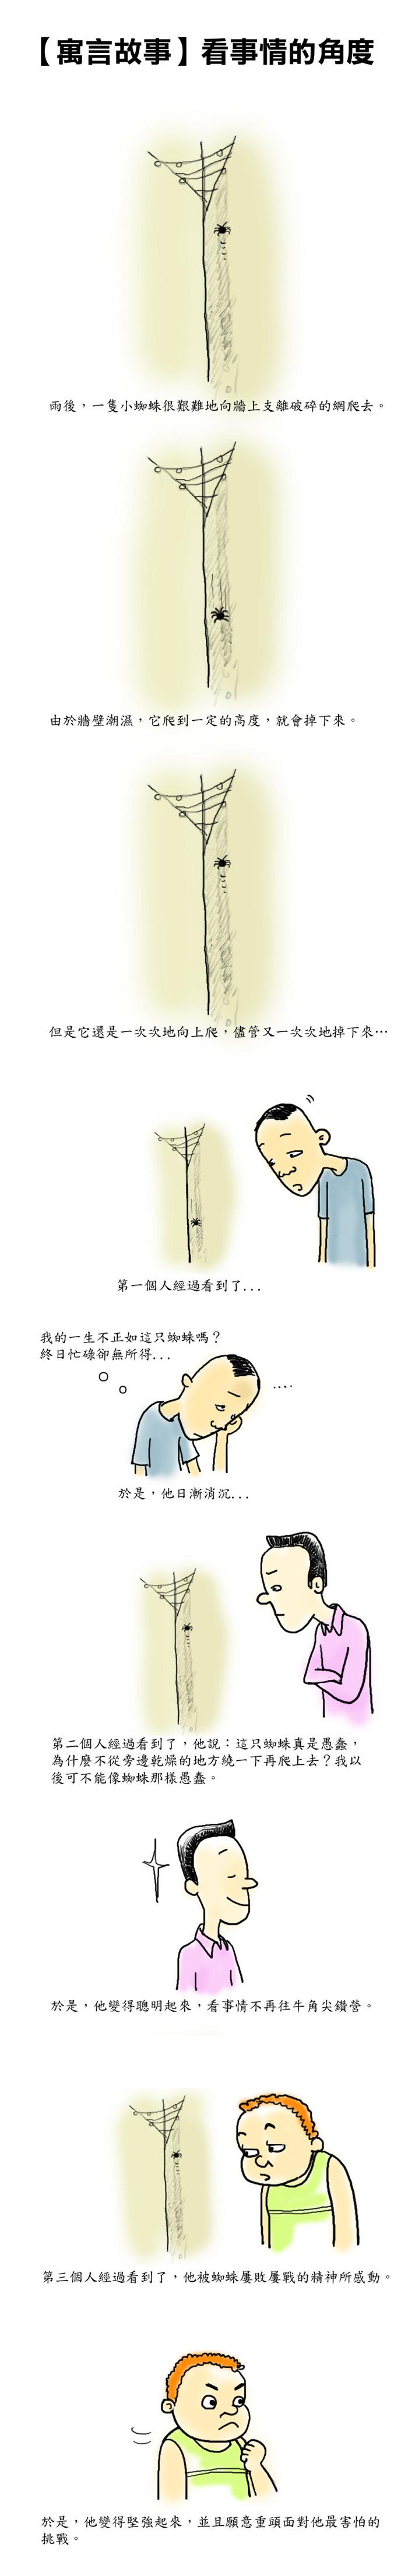 漫畫看事情的角度.jpg